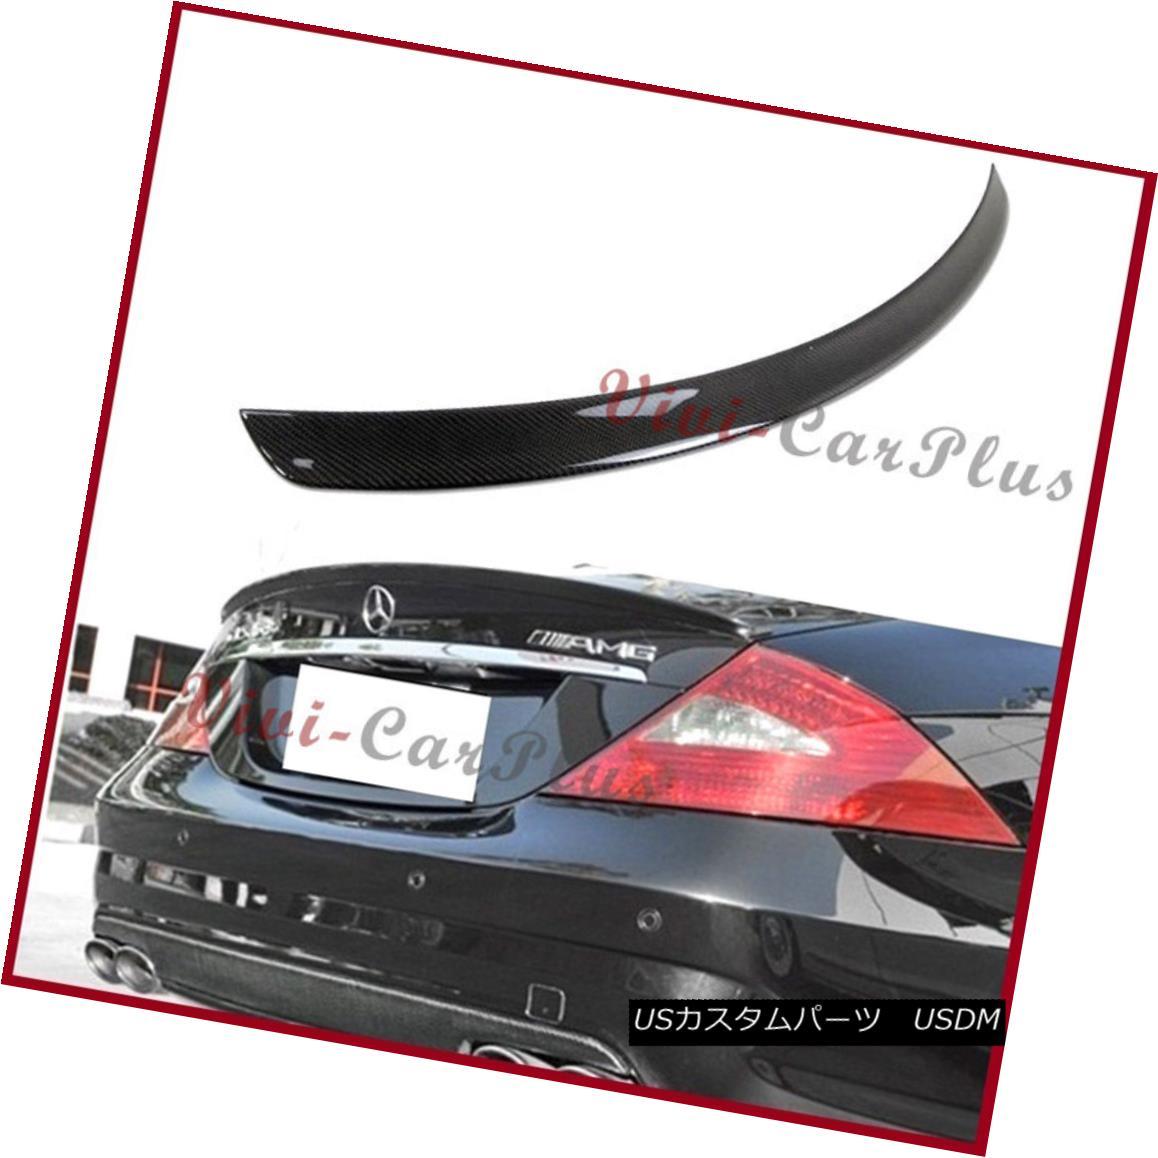 エアロパーツ For 04-10 M-Benz W219 CLS350 CLS550 CLS63 AMG Type Trunk Spoiler 3K Carbon Fiber 04-10 MベンツW219 CLS350用CLS550 CLS63 AMGタイプトランクスポイラー3Kカーボンファイバー